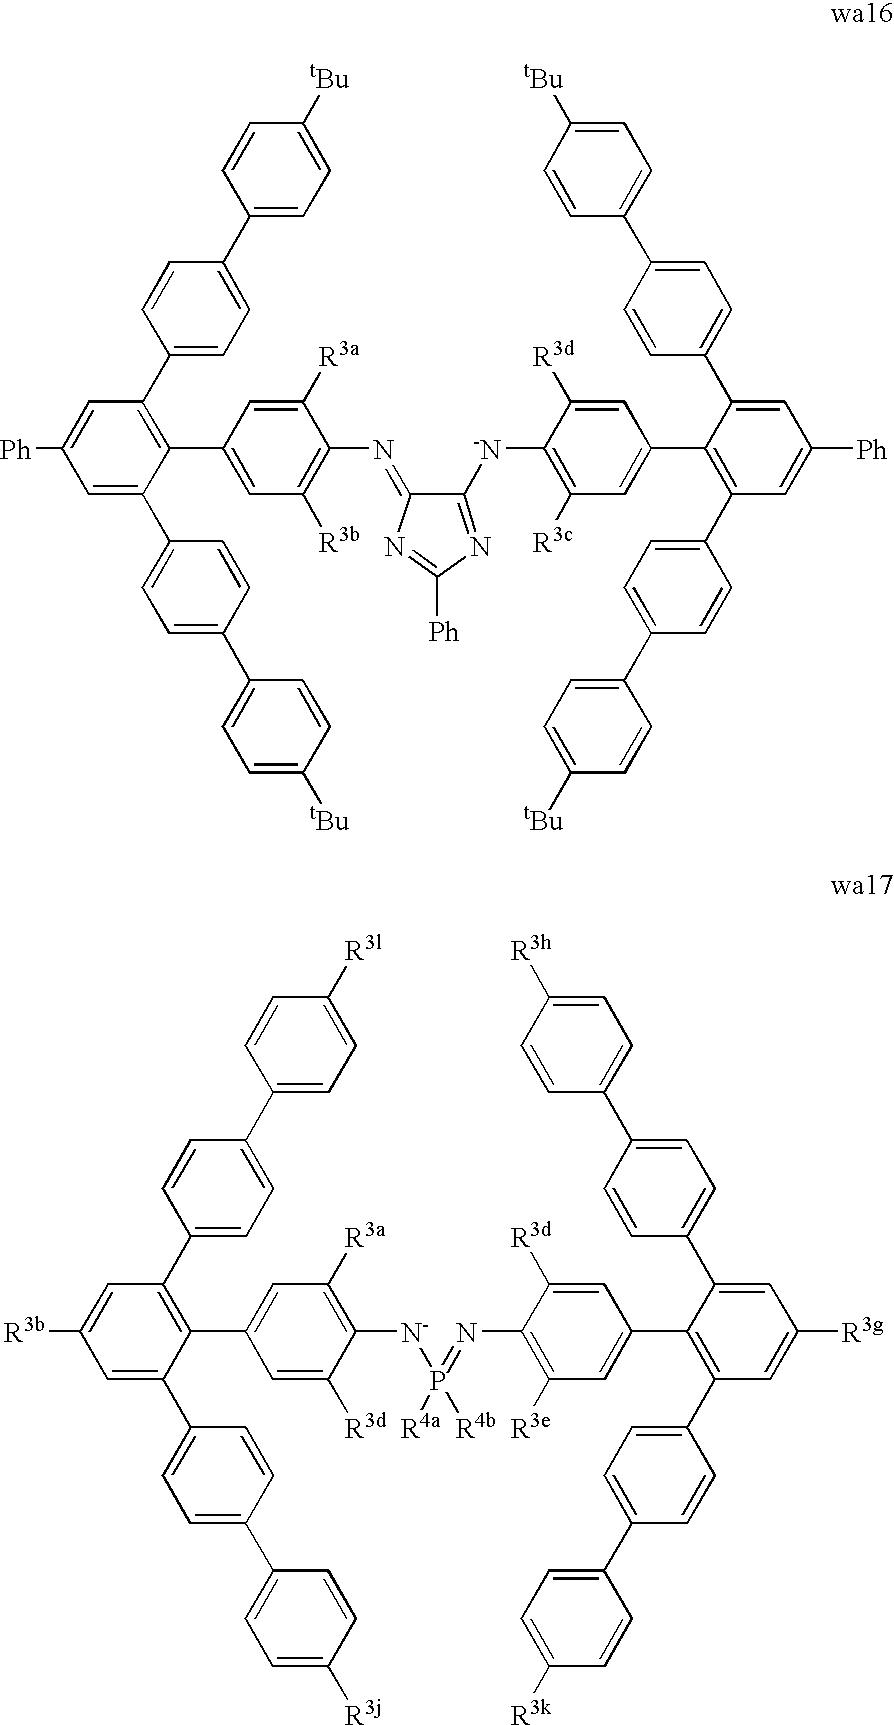 Figure US20040127658A1-20040701-C00009